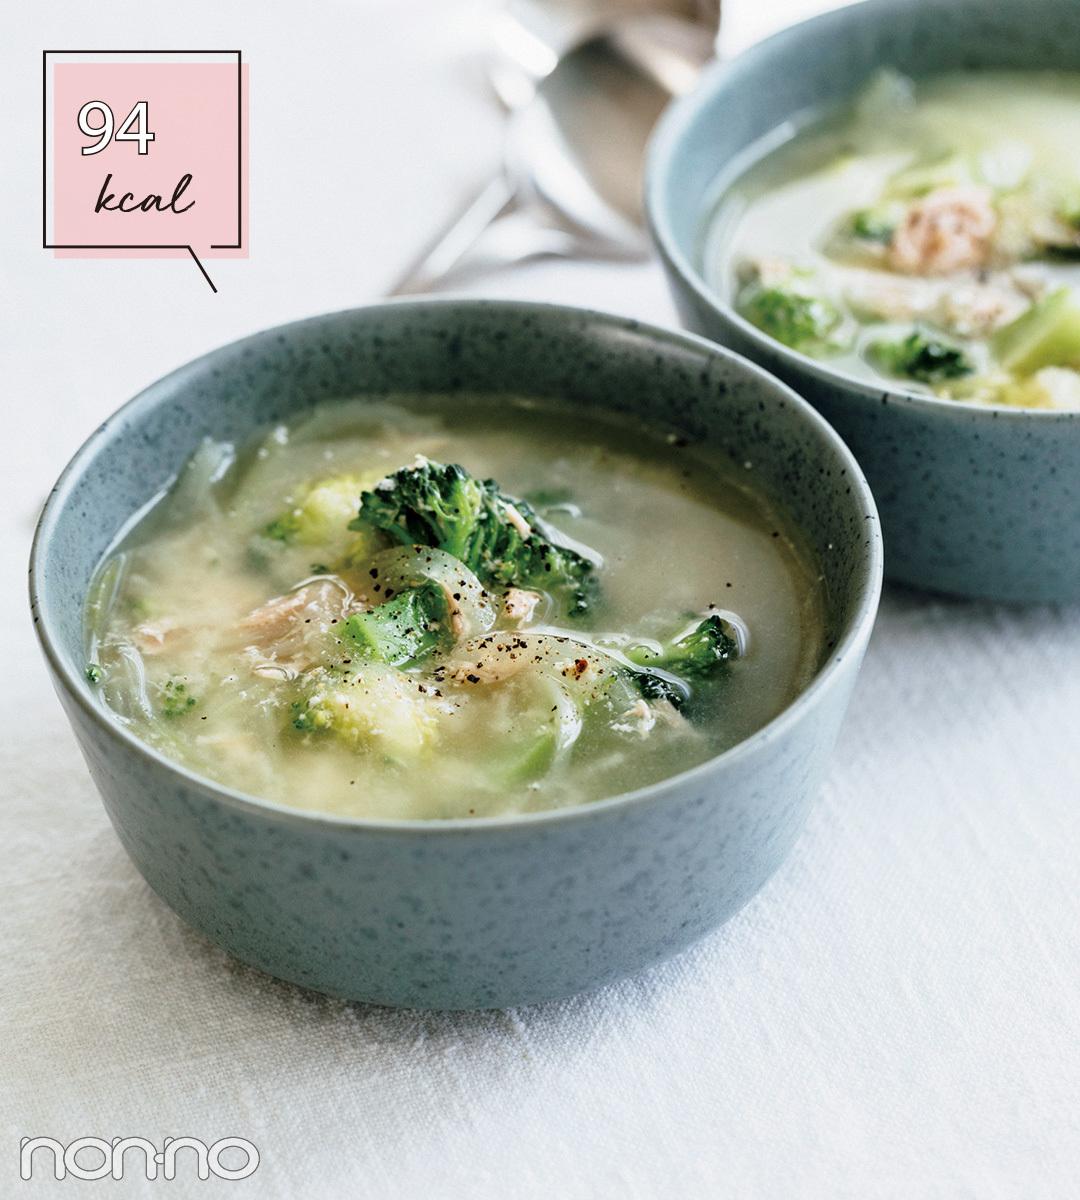 ツナとブロッコリーのヨーグルトスープ